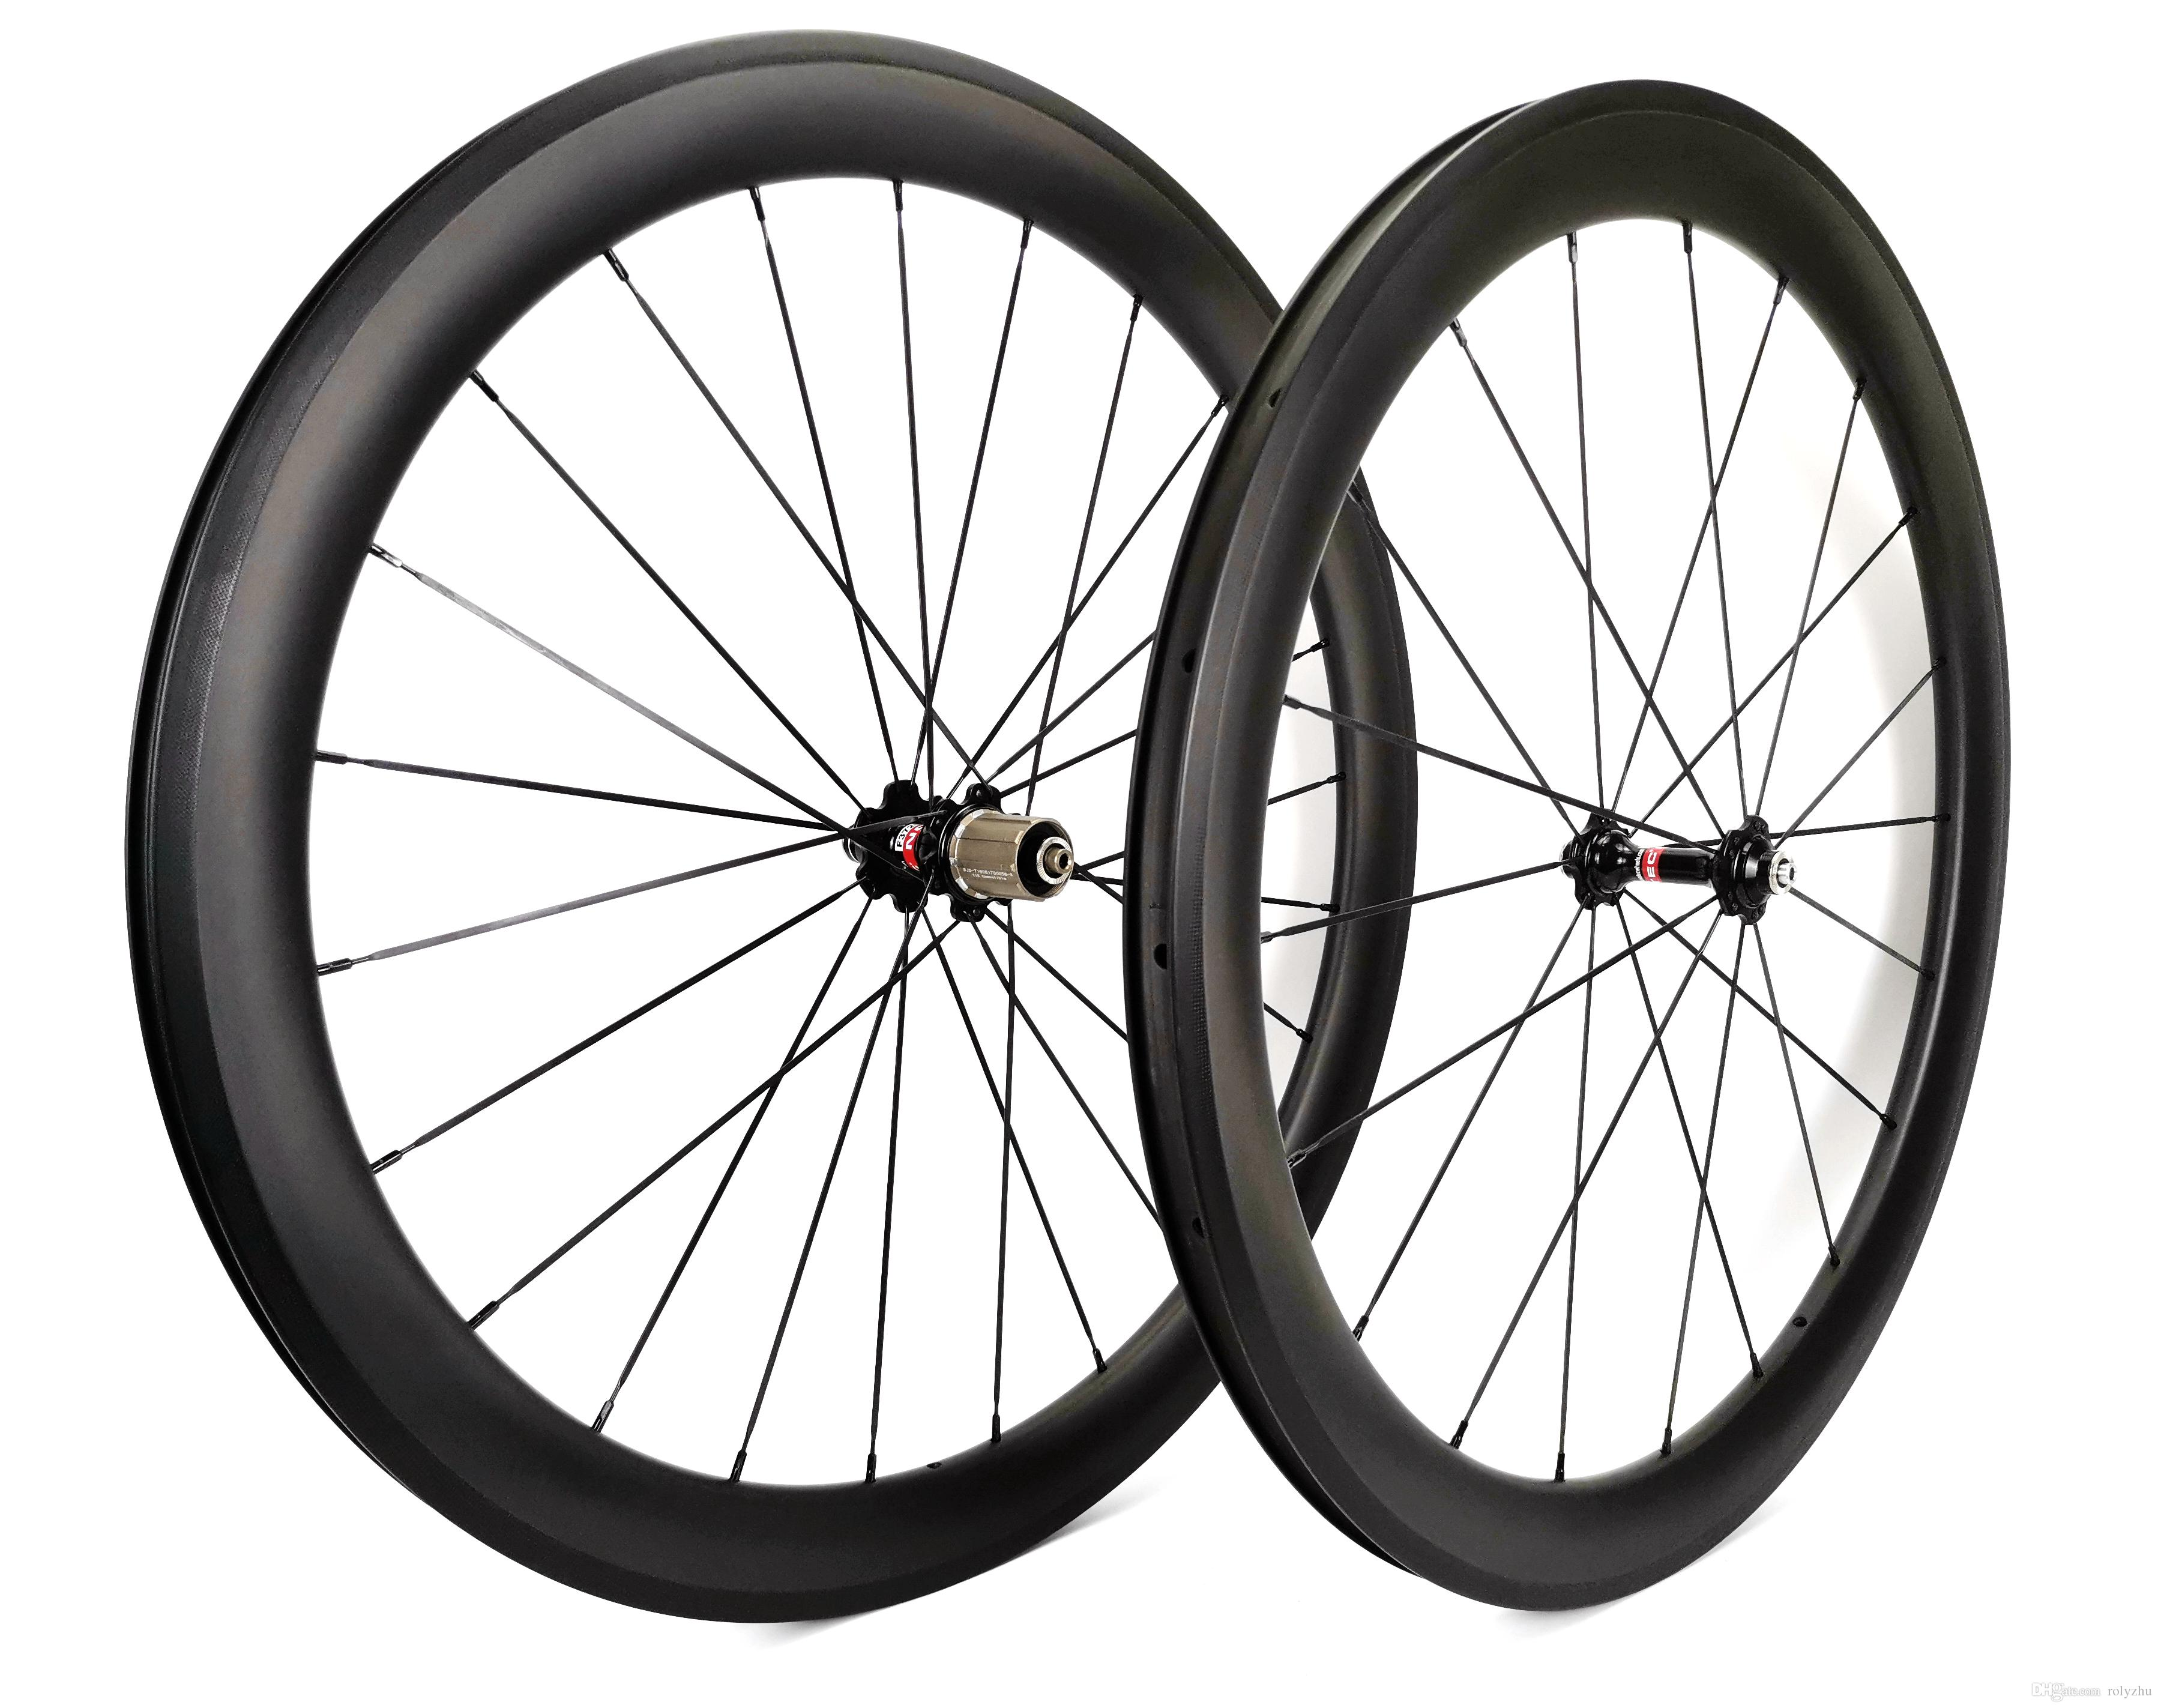 700C bici da strada del carbonio wheelset profondità 50 millimetri 25 millimetri di larghezza ruote in carbonio copertoncino con Novatec 271/372 hub, finitura opaca UD